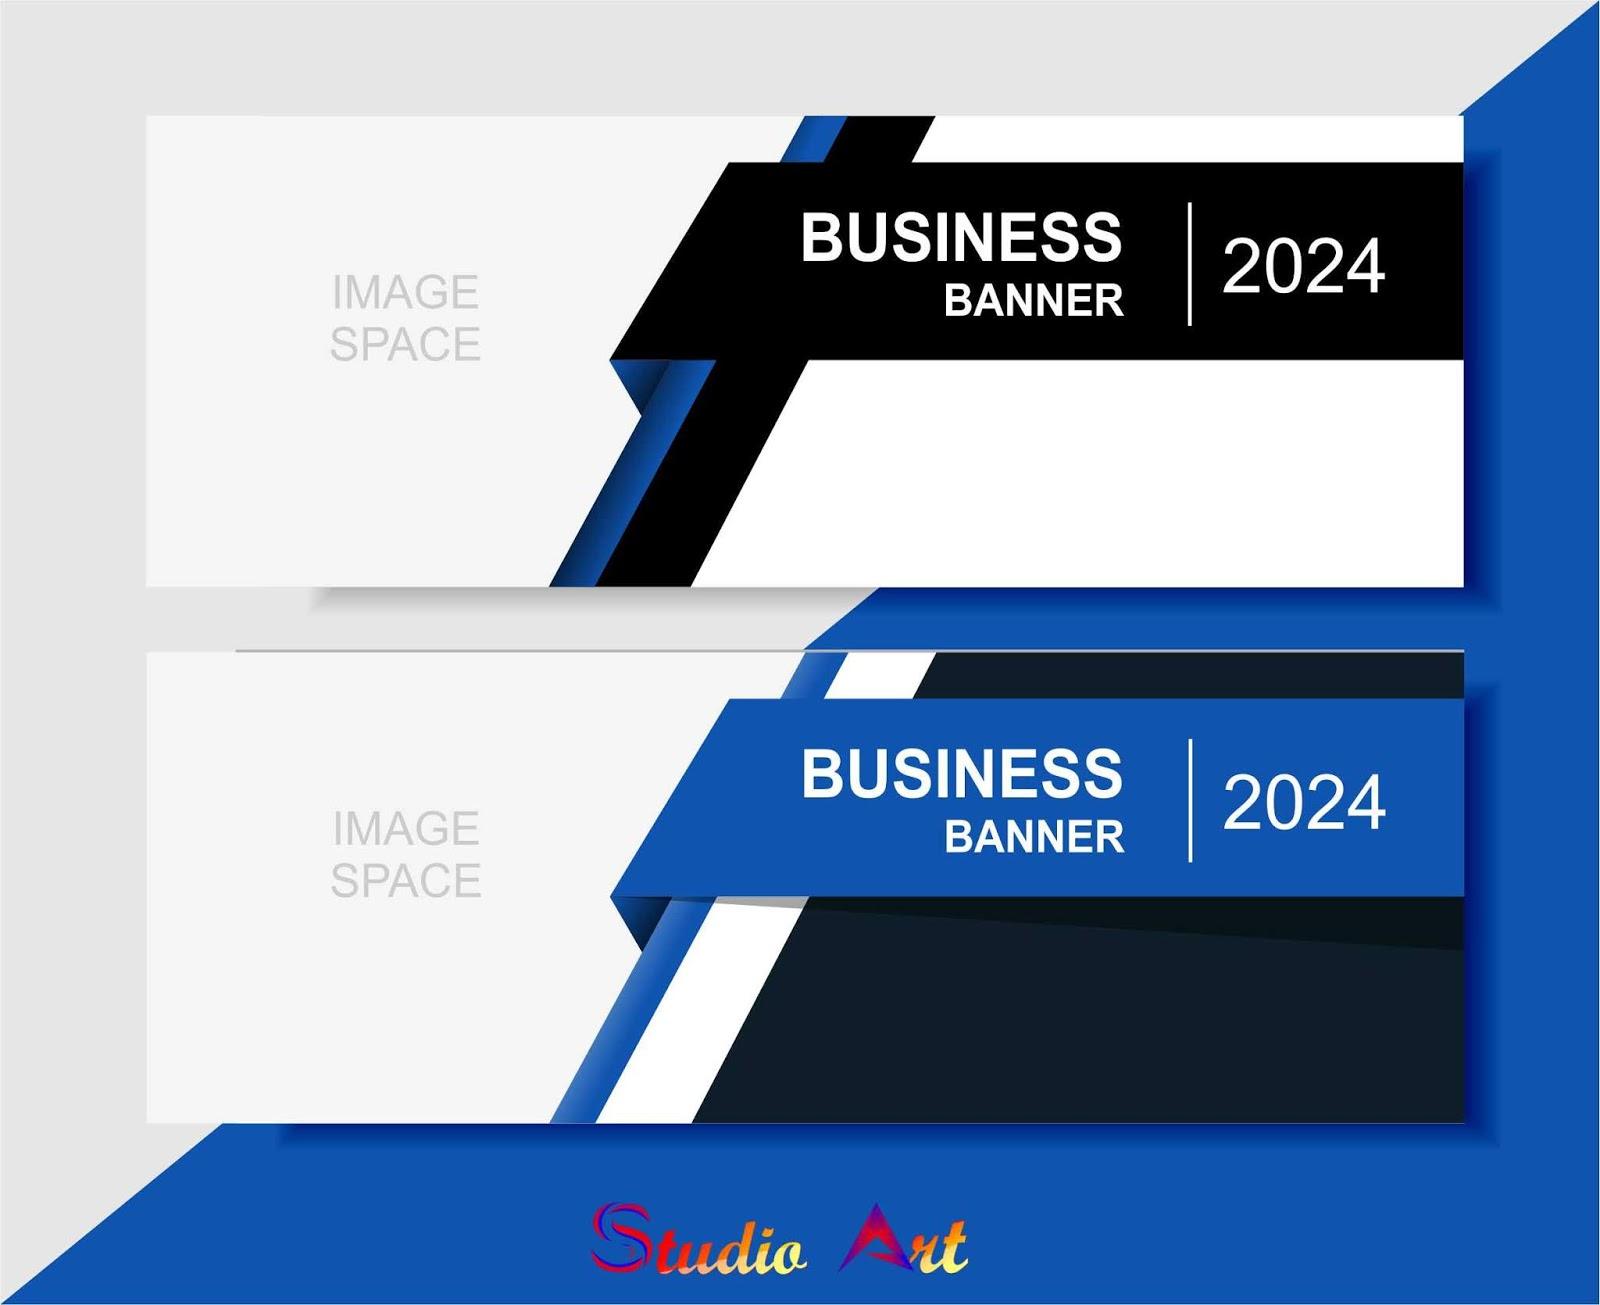 Desain Banner untuk Bisnis dengan Tampilan Elegan - Studio Art